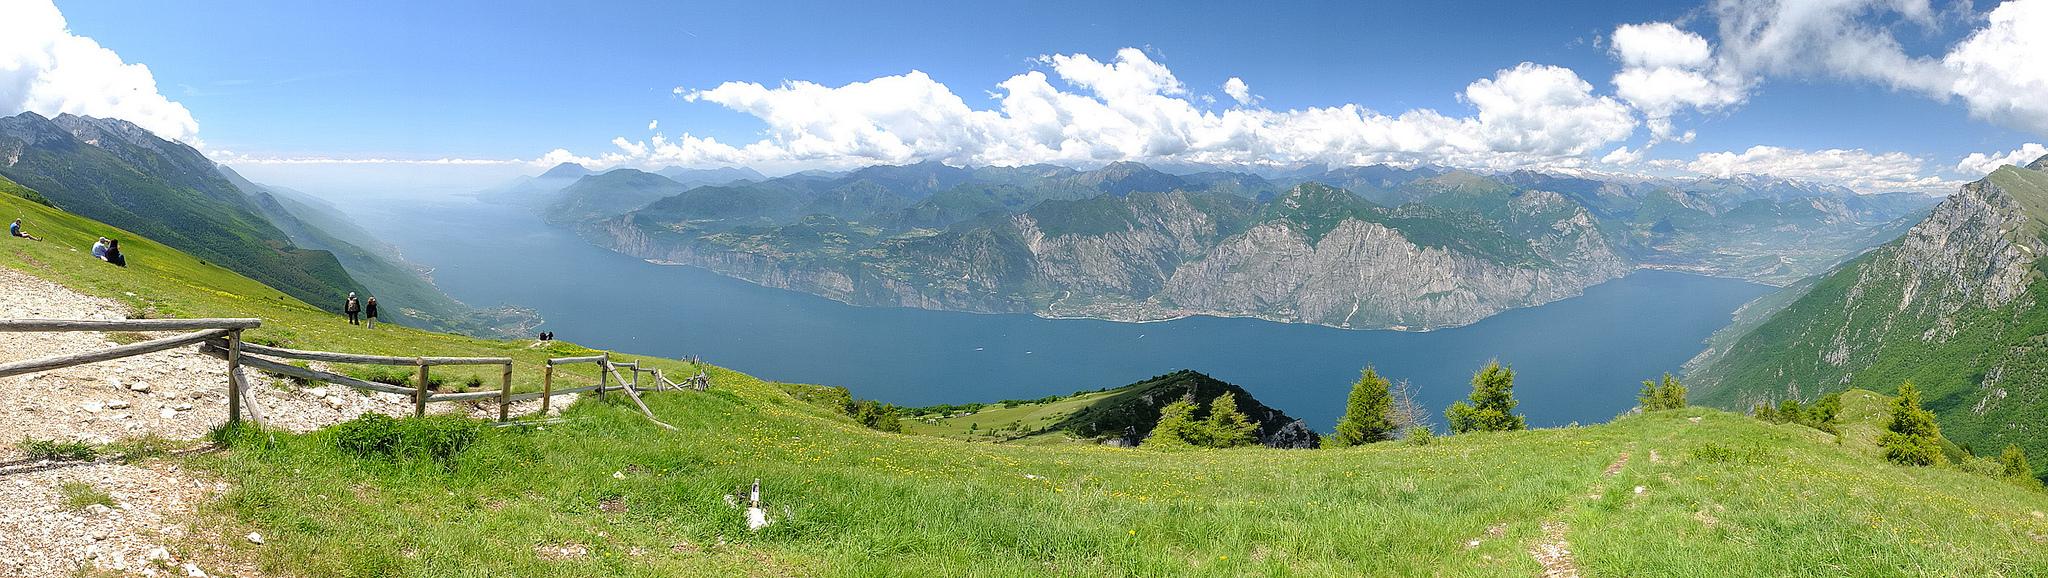 Vacanze a Cavallo: Lago di Garda visto dal Monte Baldo